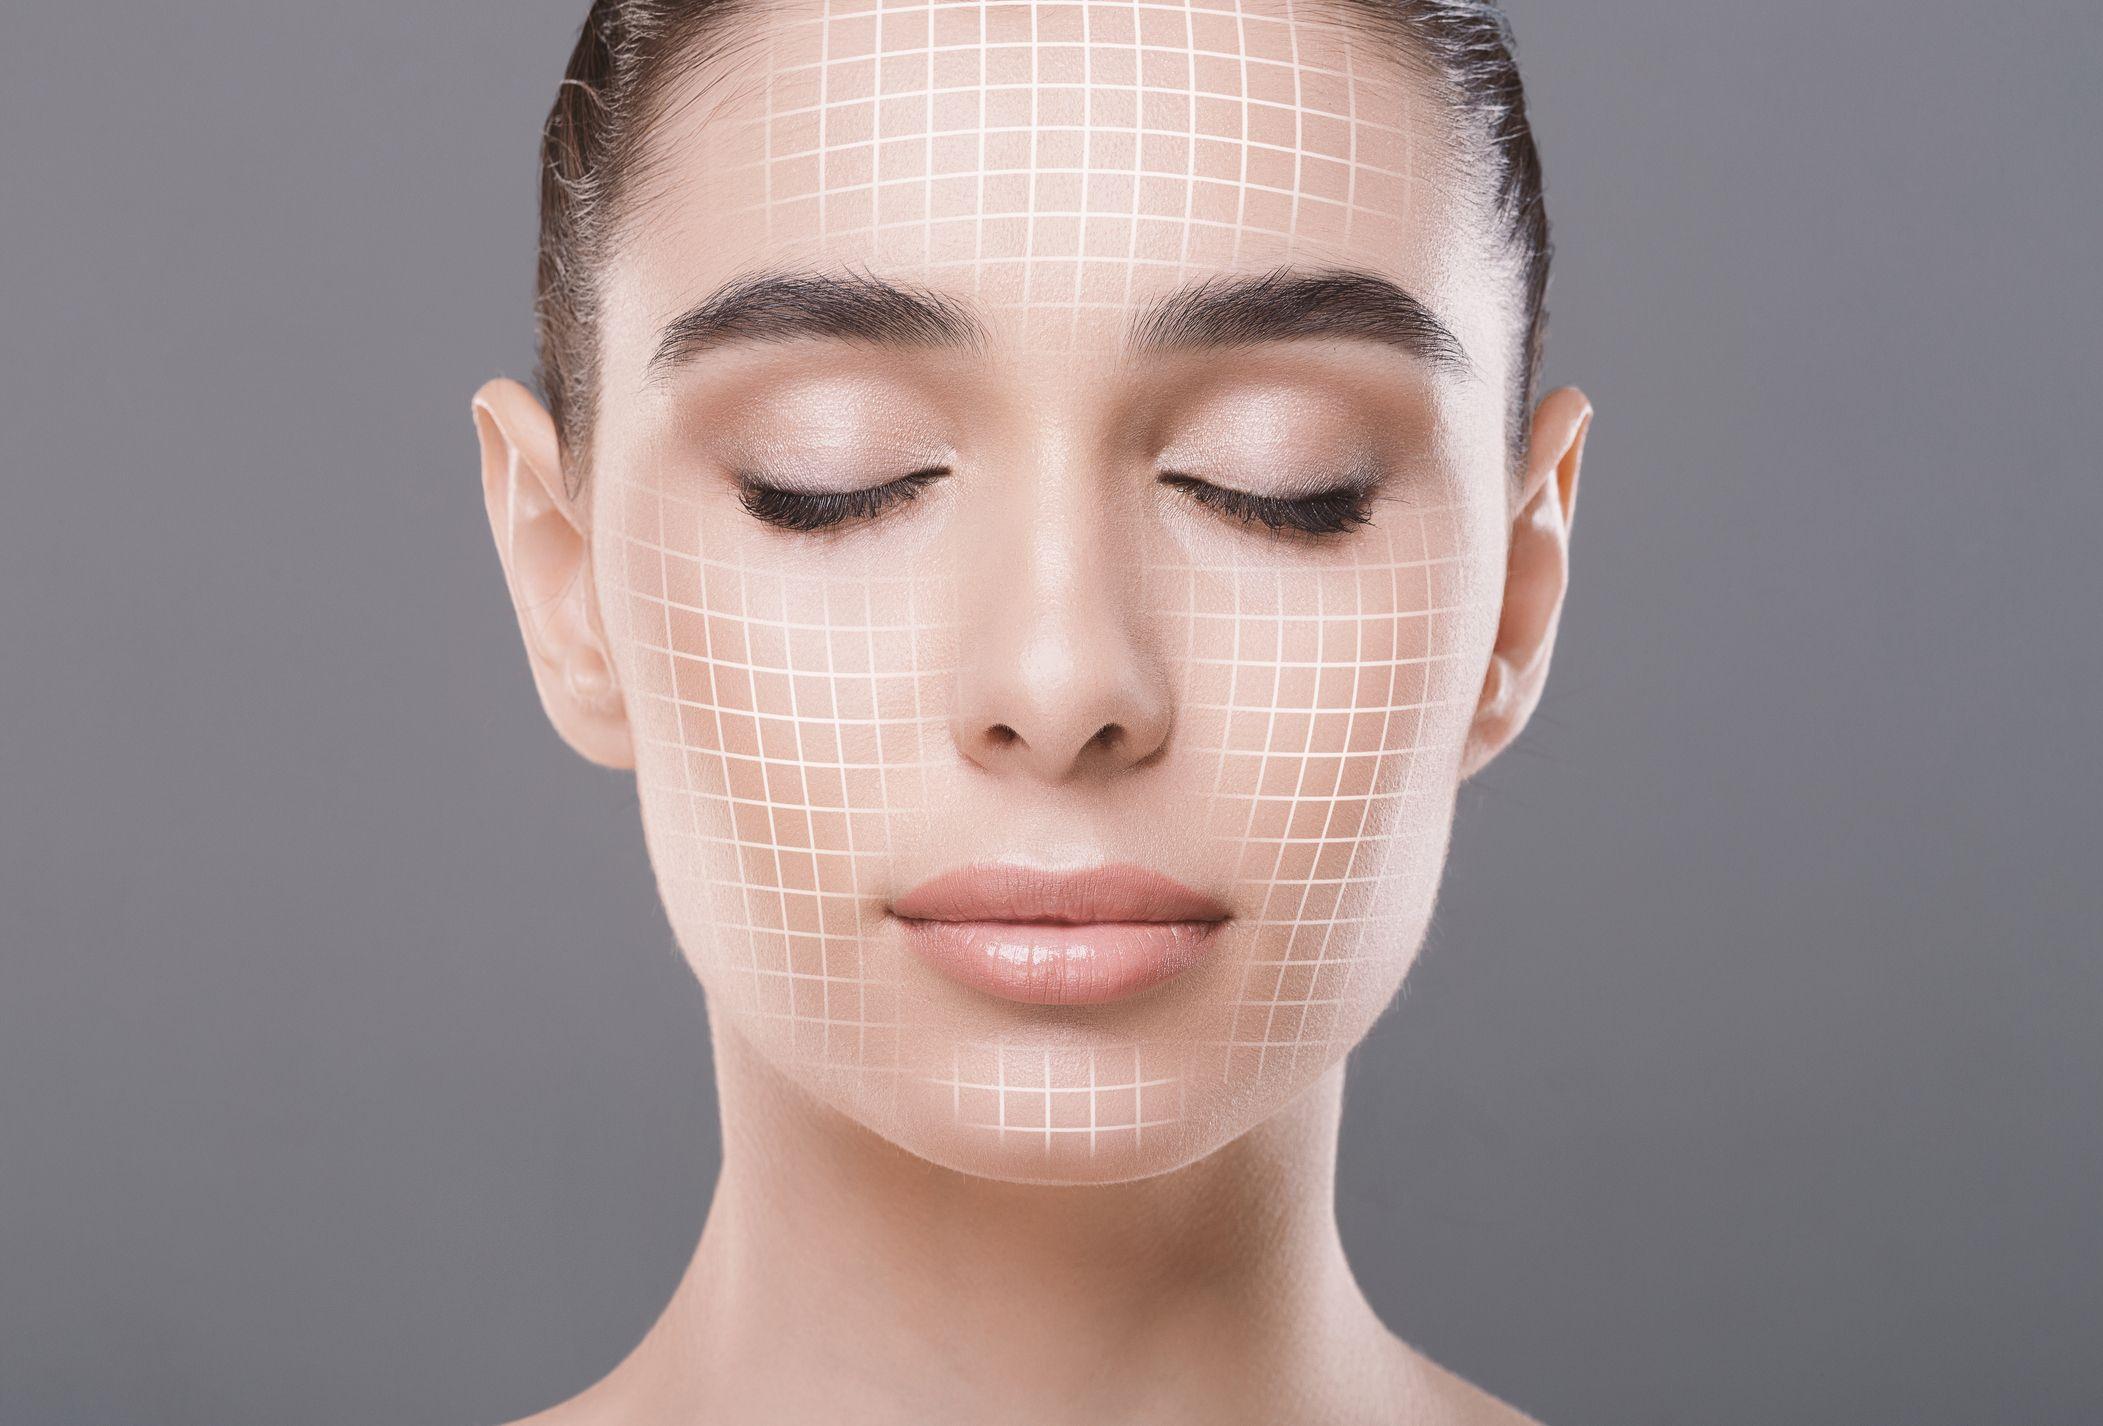 ¿Qué es un lifting facial y cuáles son sus efectos para rejuvenecer el rostro?